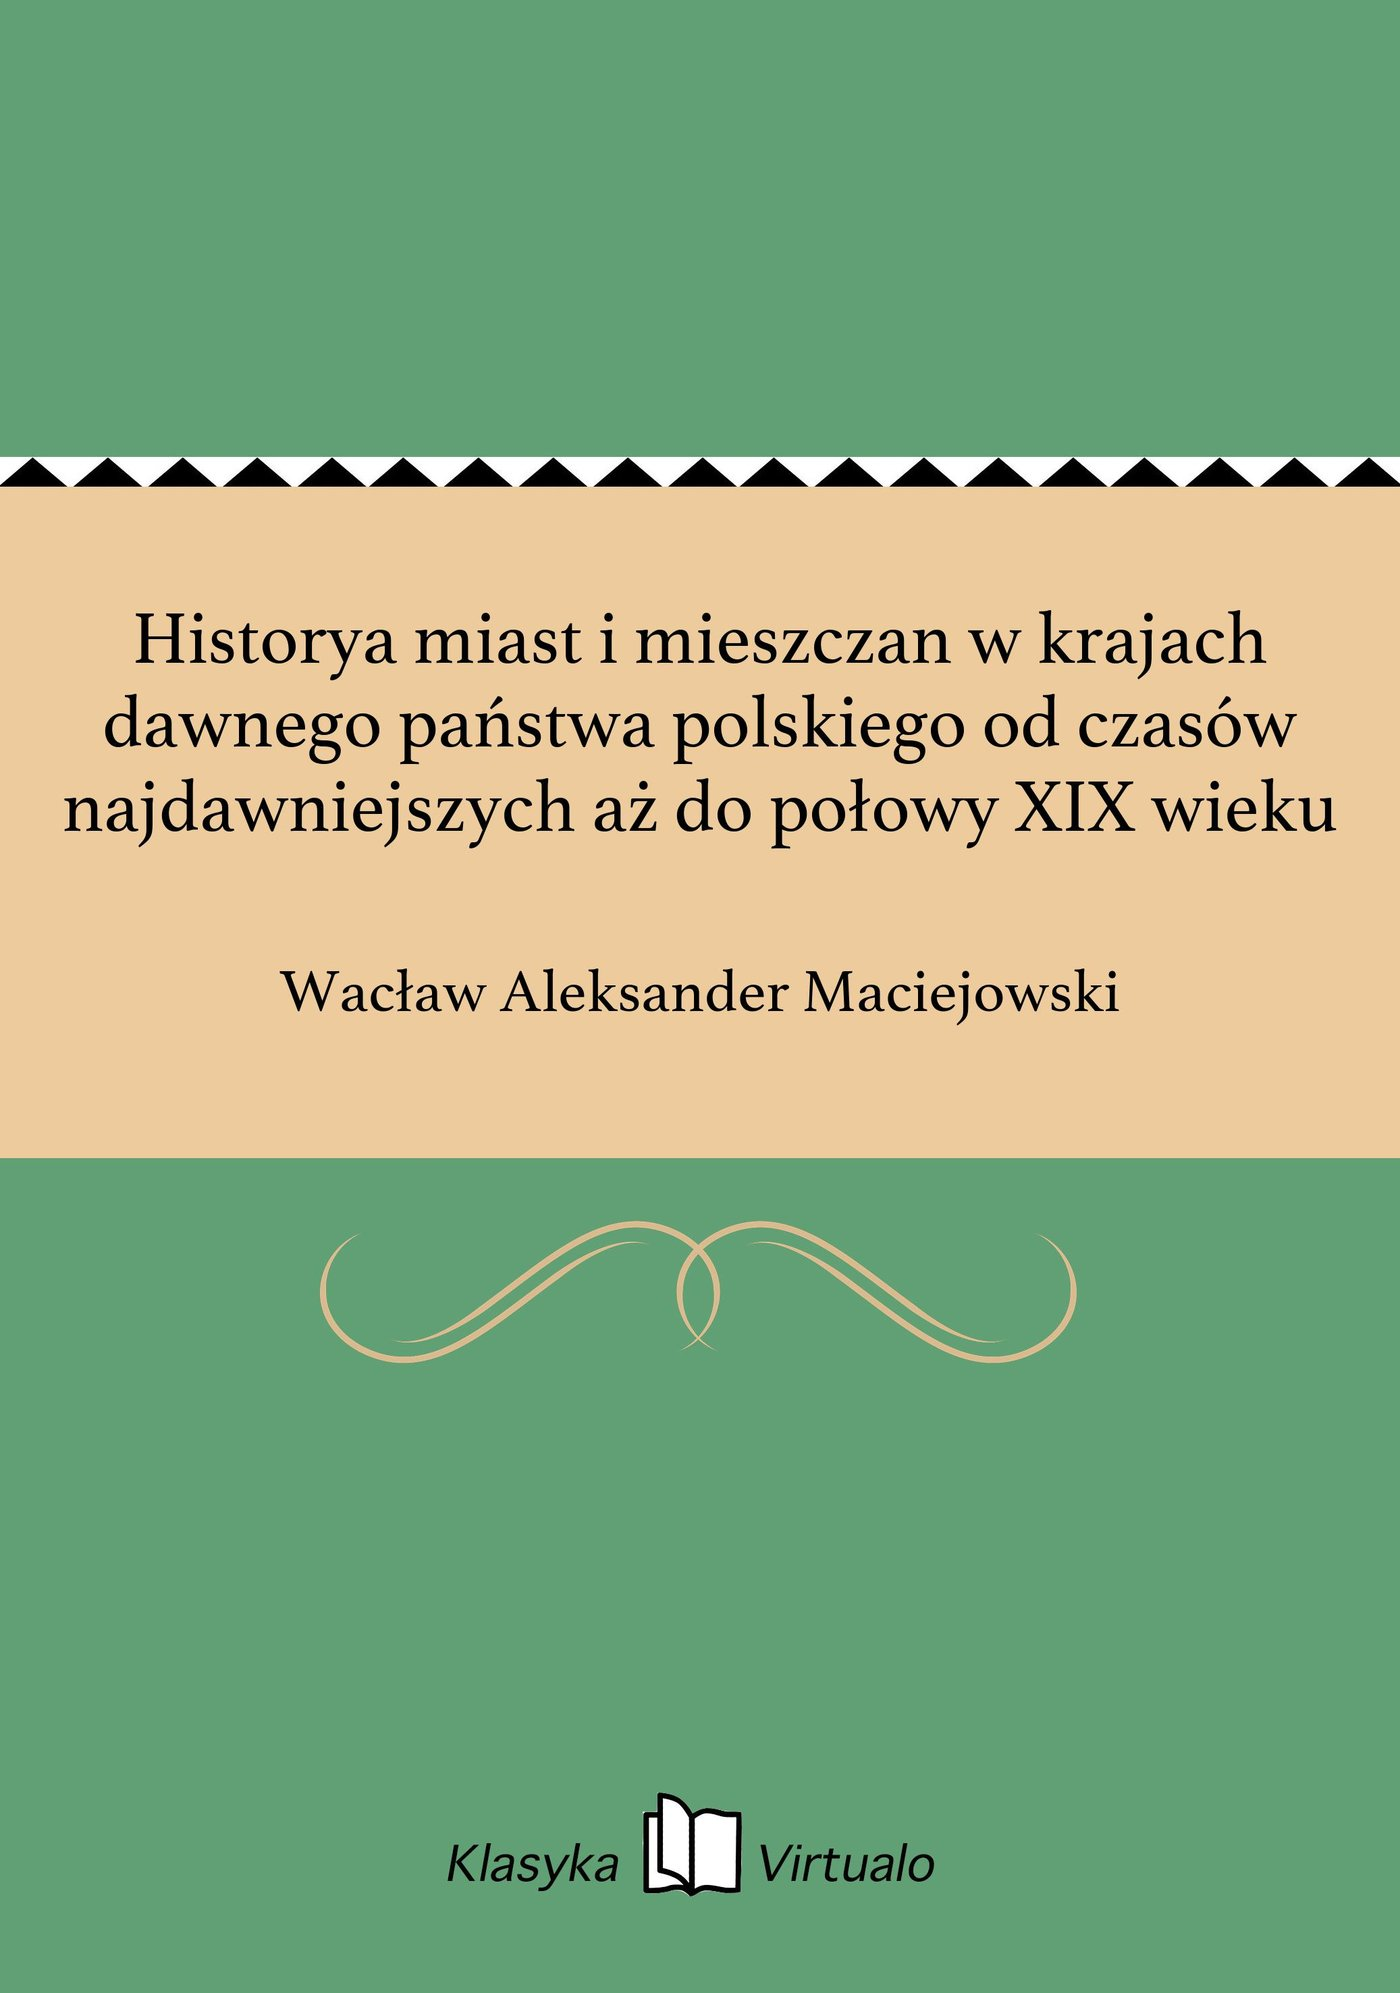 Historya miast i mieszczan w krajach dawnego państwa polskiego od czasów najdawniejszych aż do połowy XIX wieku - Ebook (Książka EPUB) do pobrania w formacie EPUB